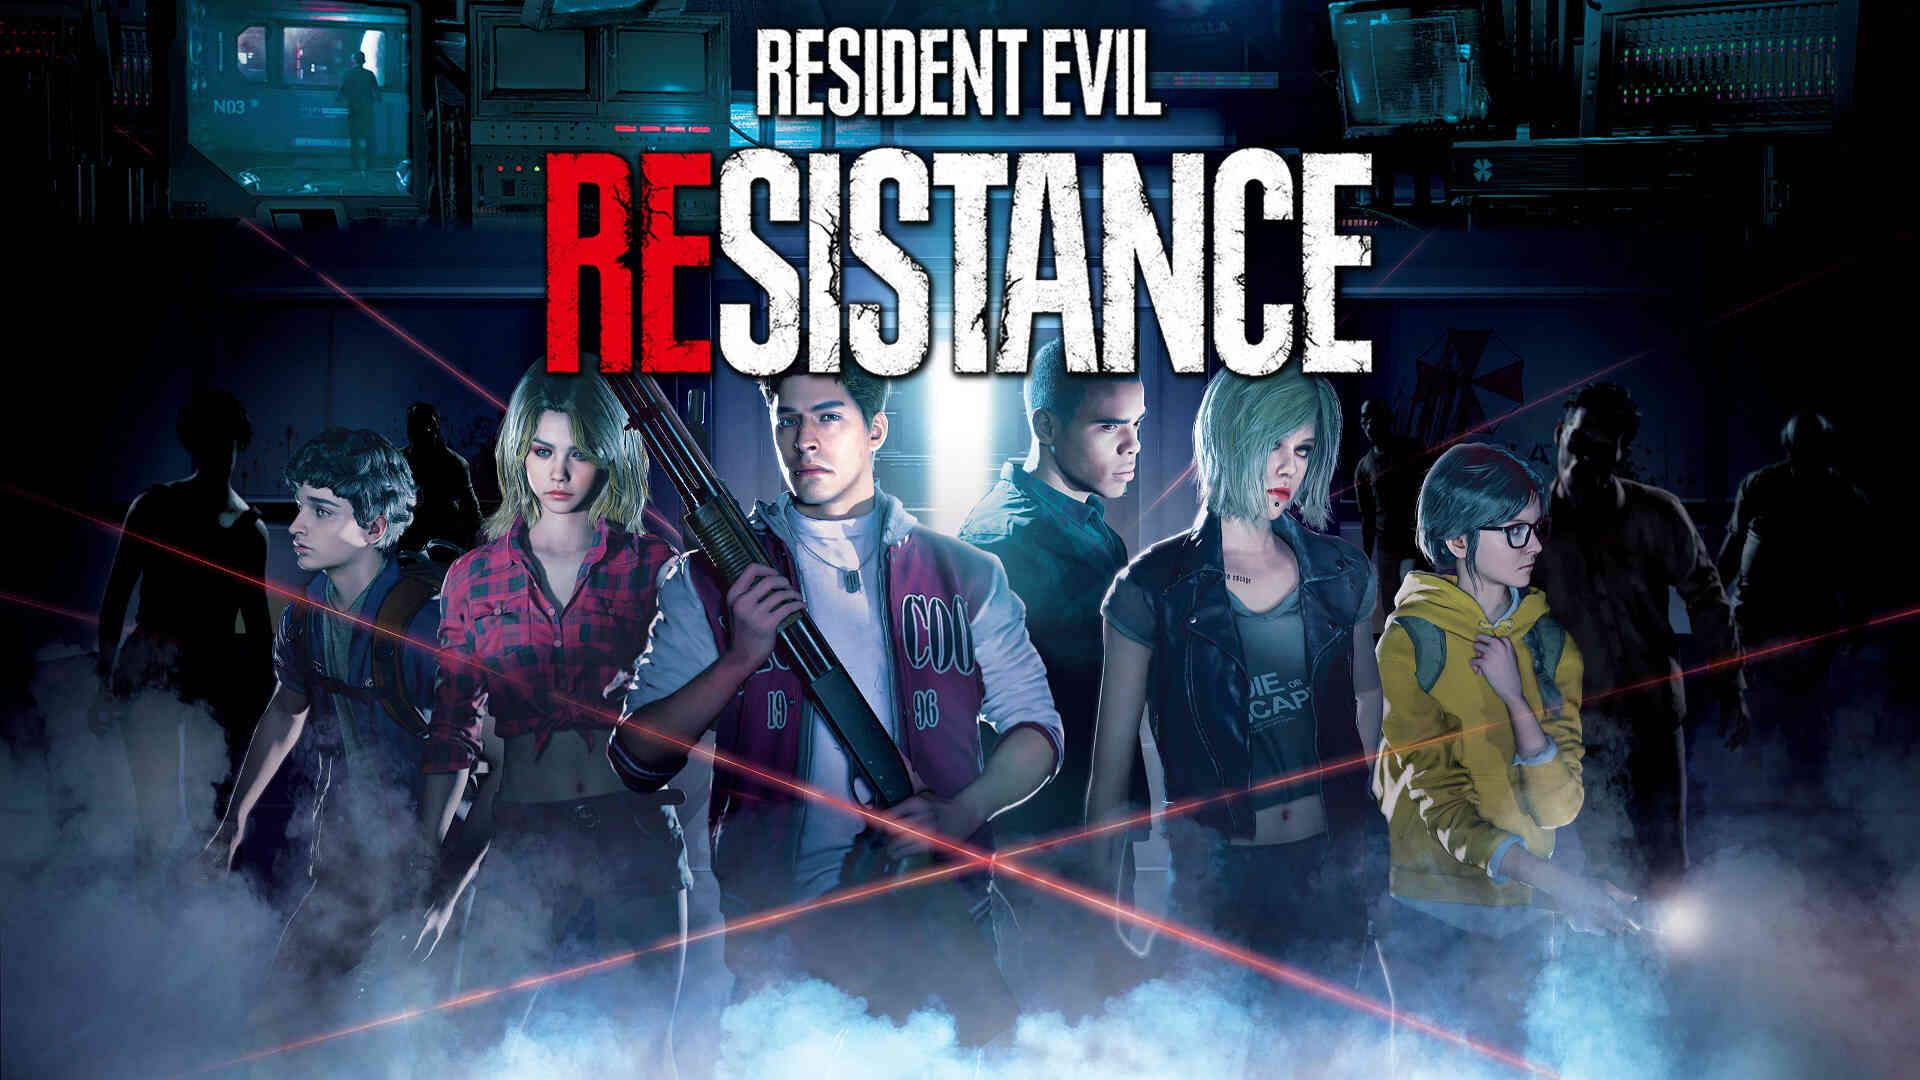 https://www.oyunindir.vip/wp-content/uploads/2020/11/resident-evil-resistance-indir-full-pc-www.oyunindir.vip_.jpg